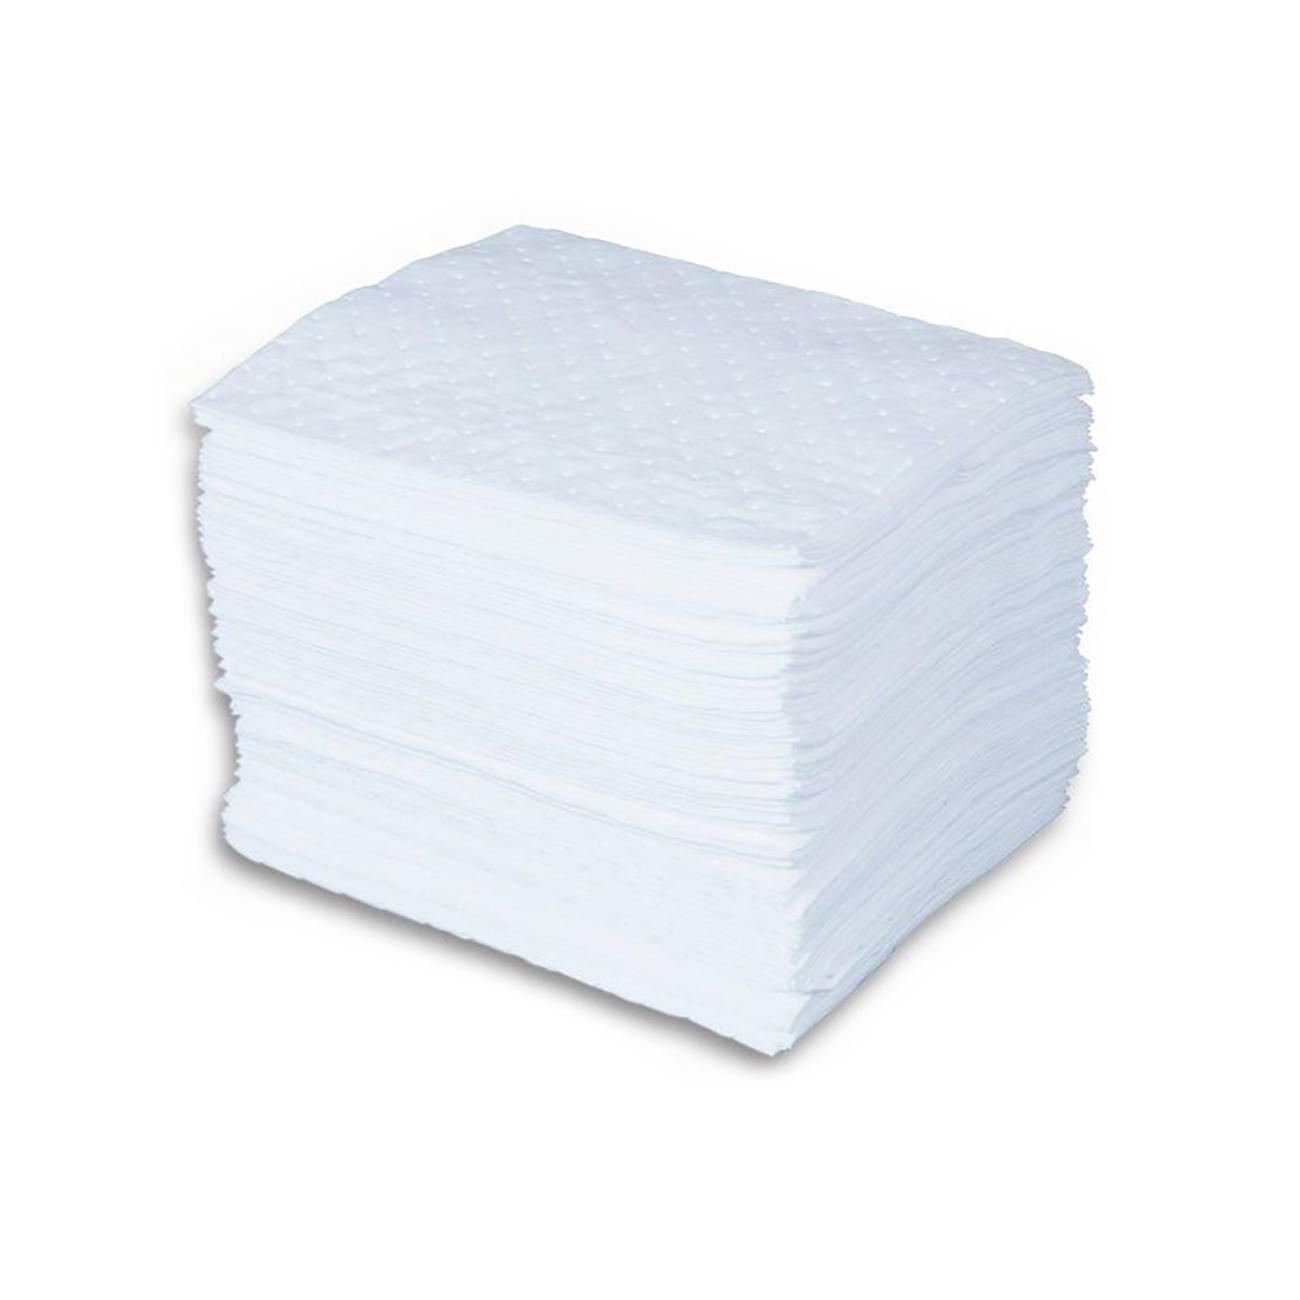 Фото Масловпитывающие салфетки ENV300-M, 41 х 51 см, 111 литров (100 шт.) {spc813743}